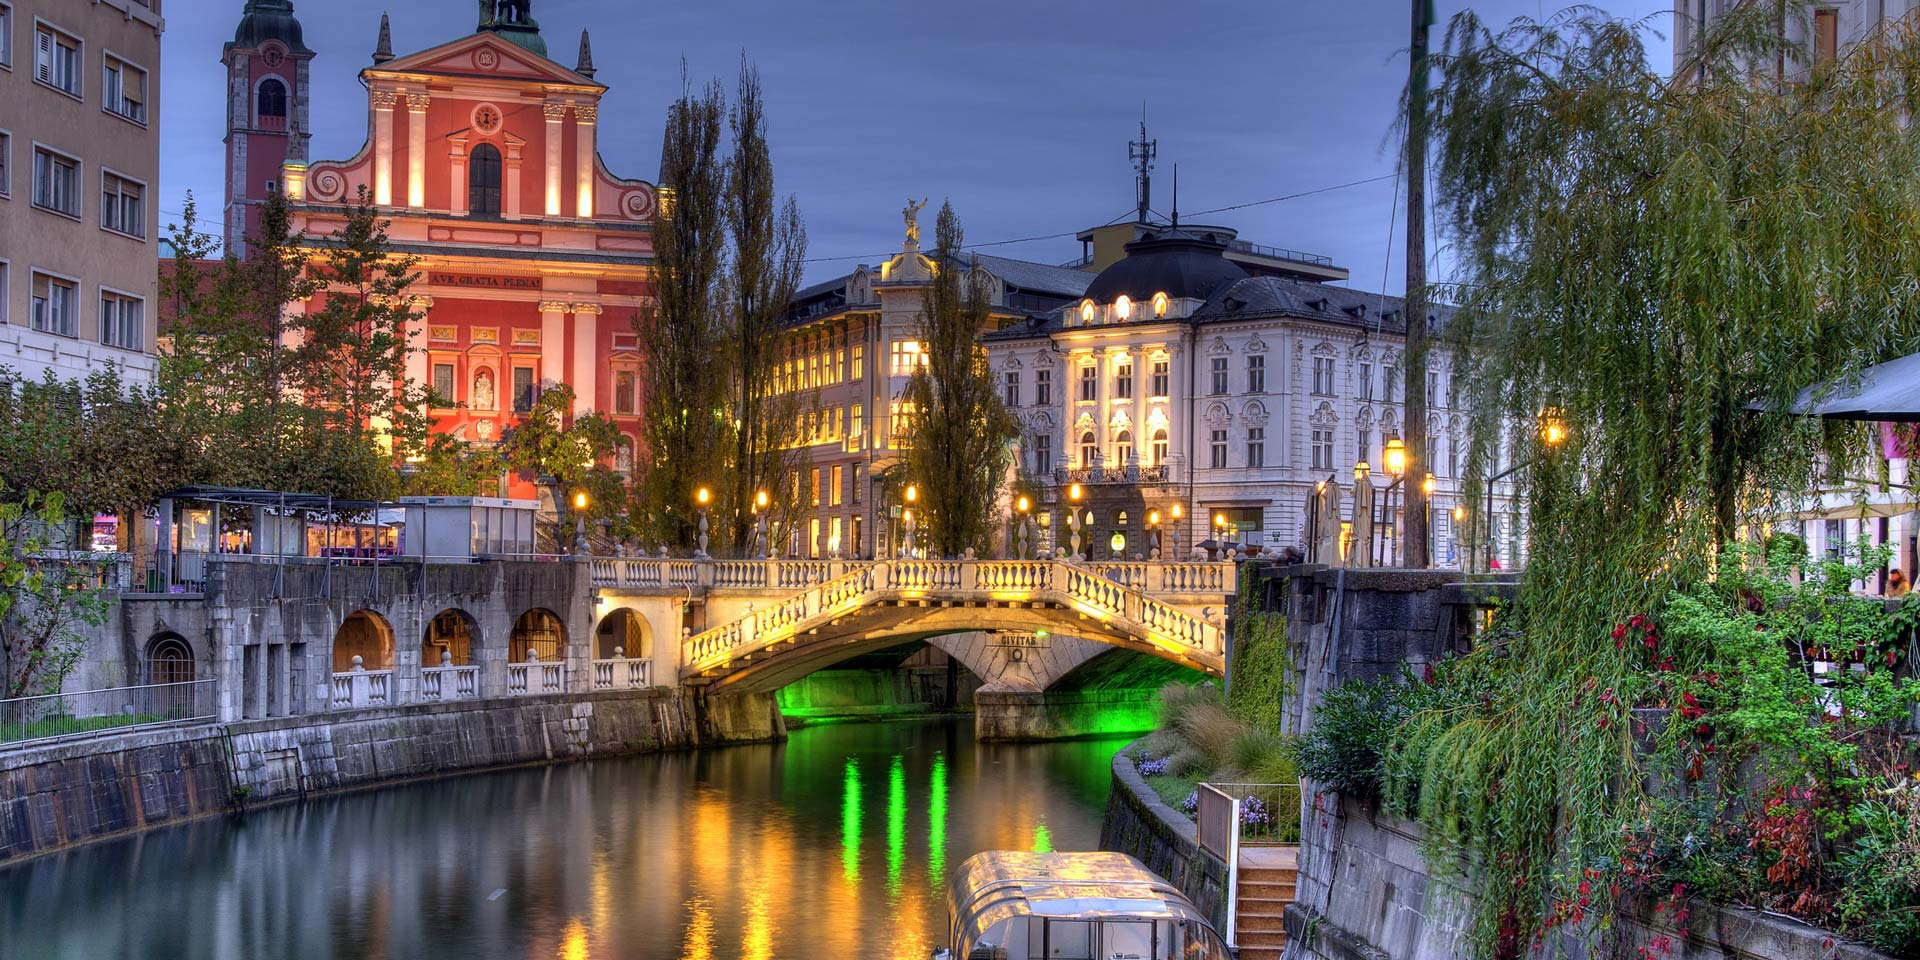 Просечната плата во Словенија во јуни била 1 045 евра